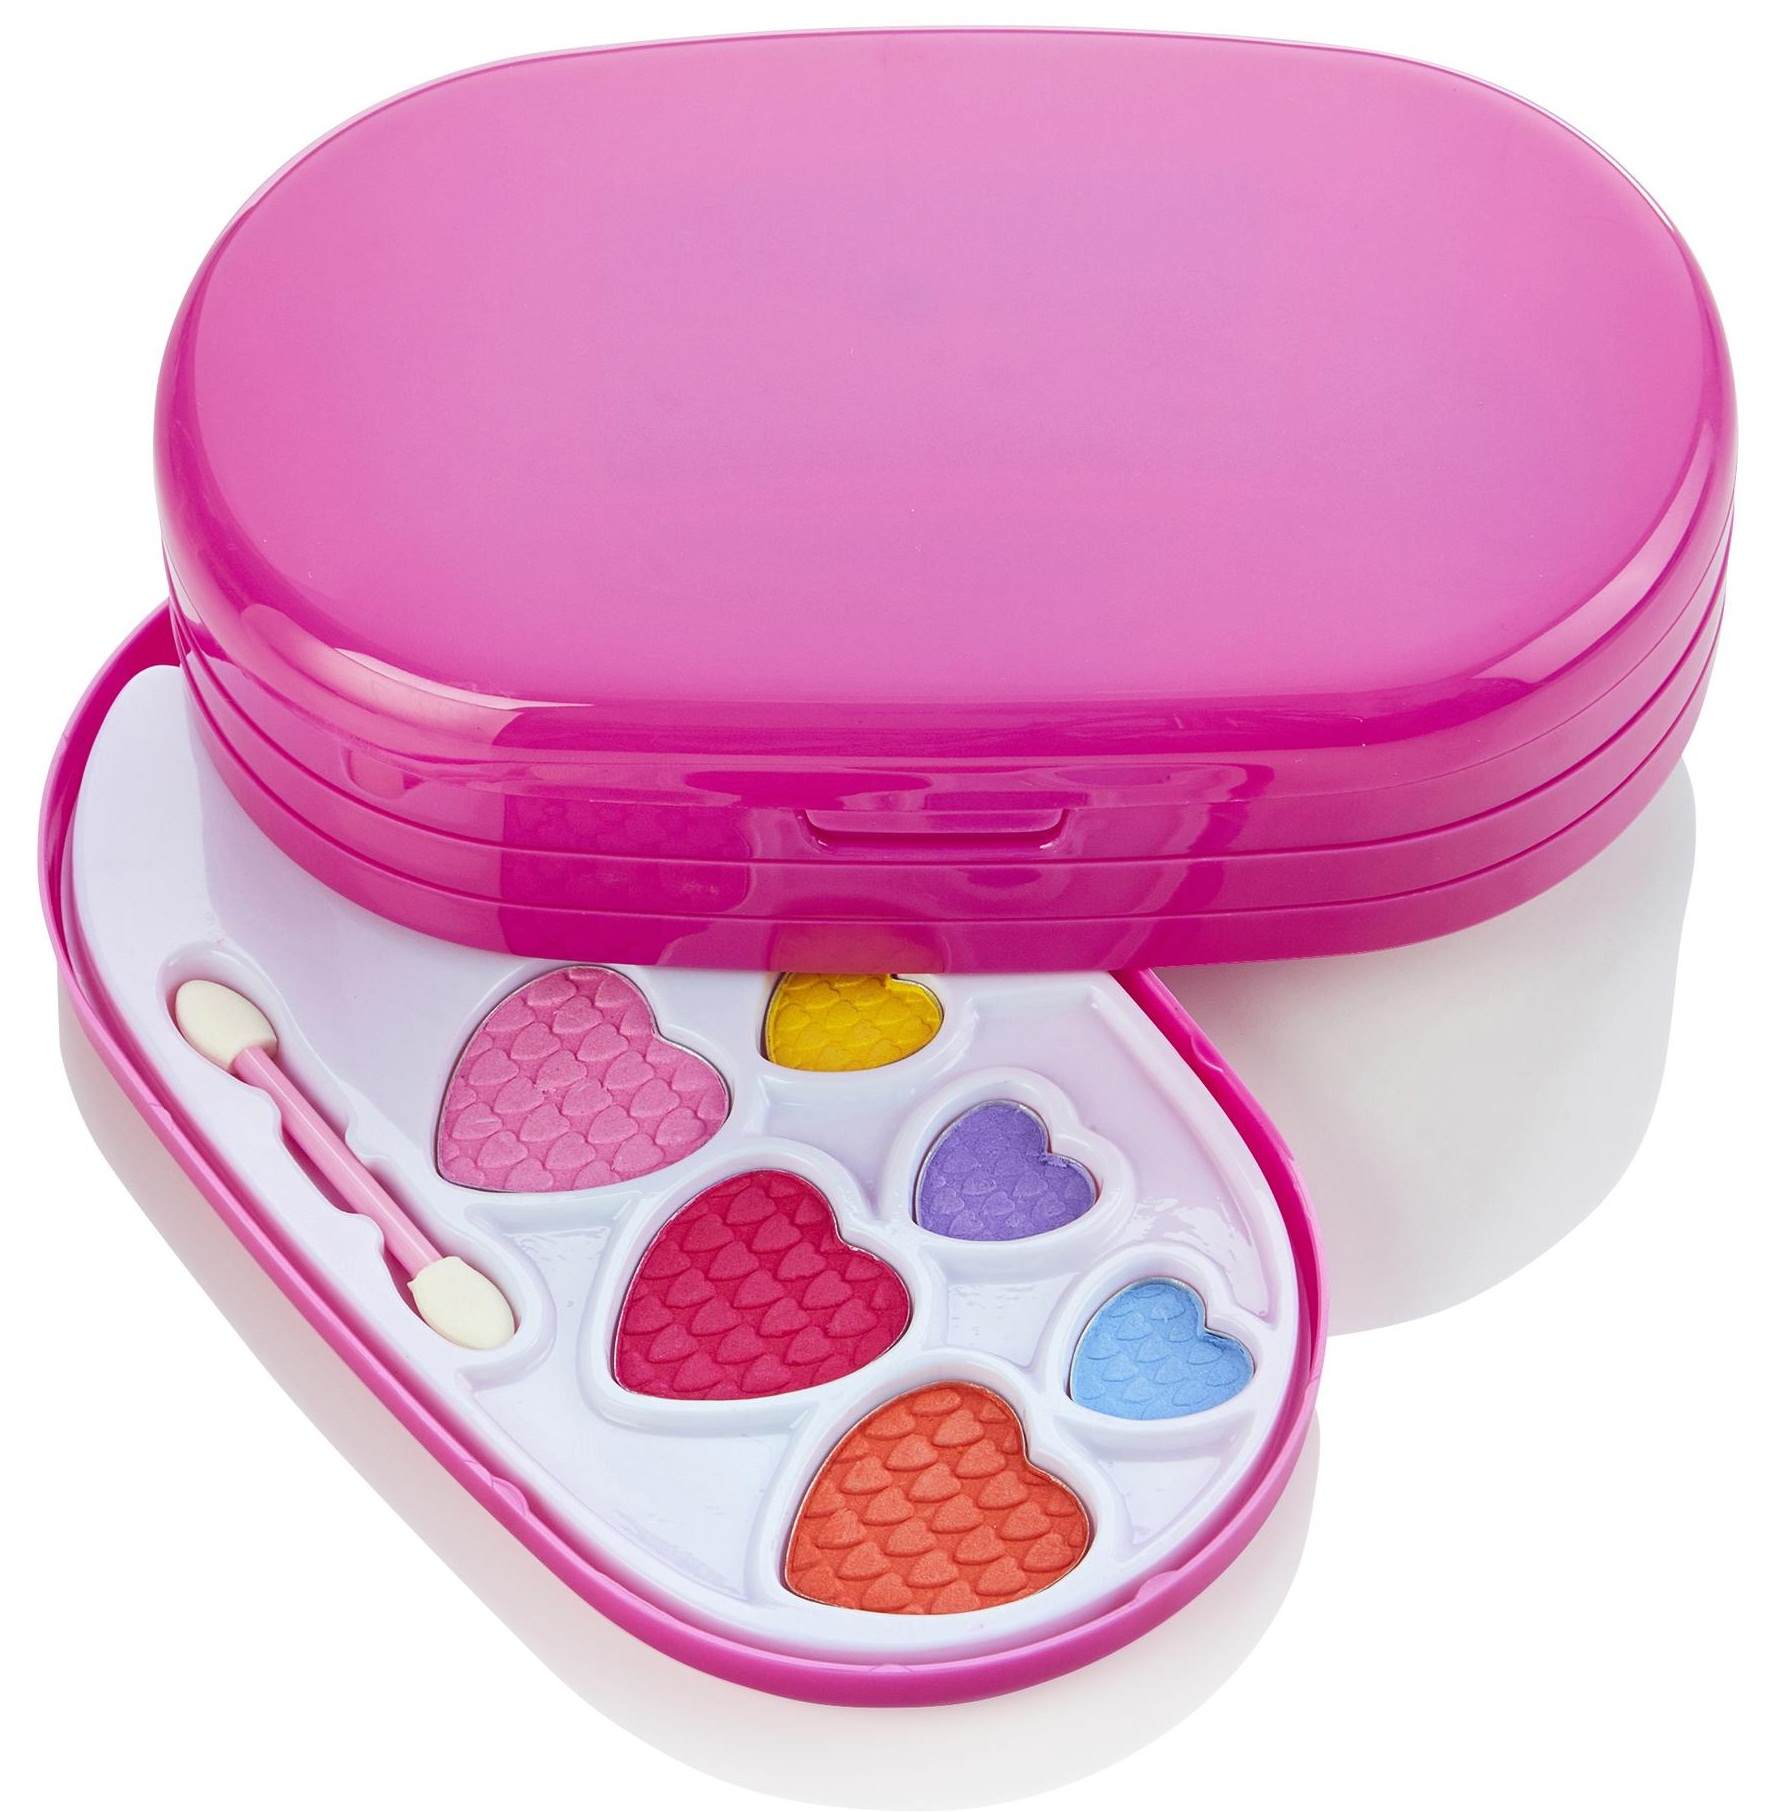 Zestaw Kosmetyczny Dla Dzieci Make Up Puder Szminka Cienie